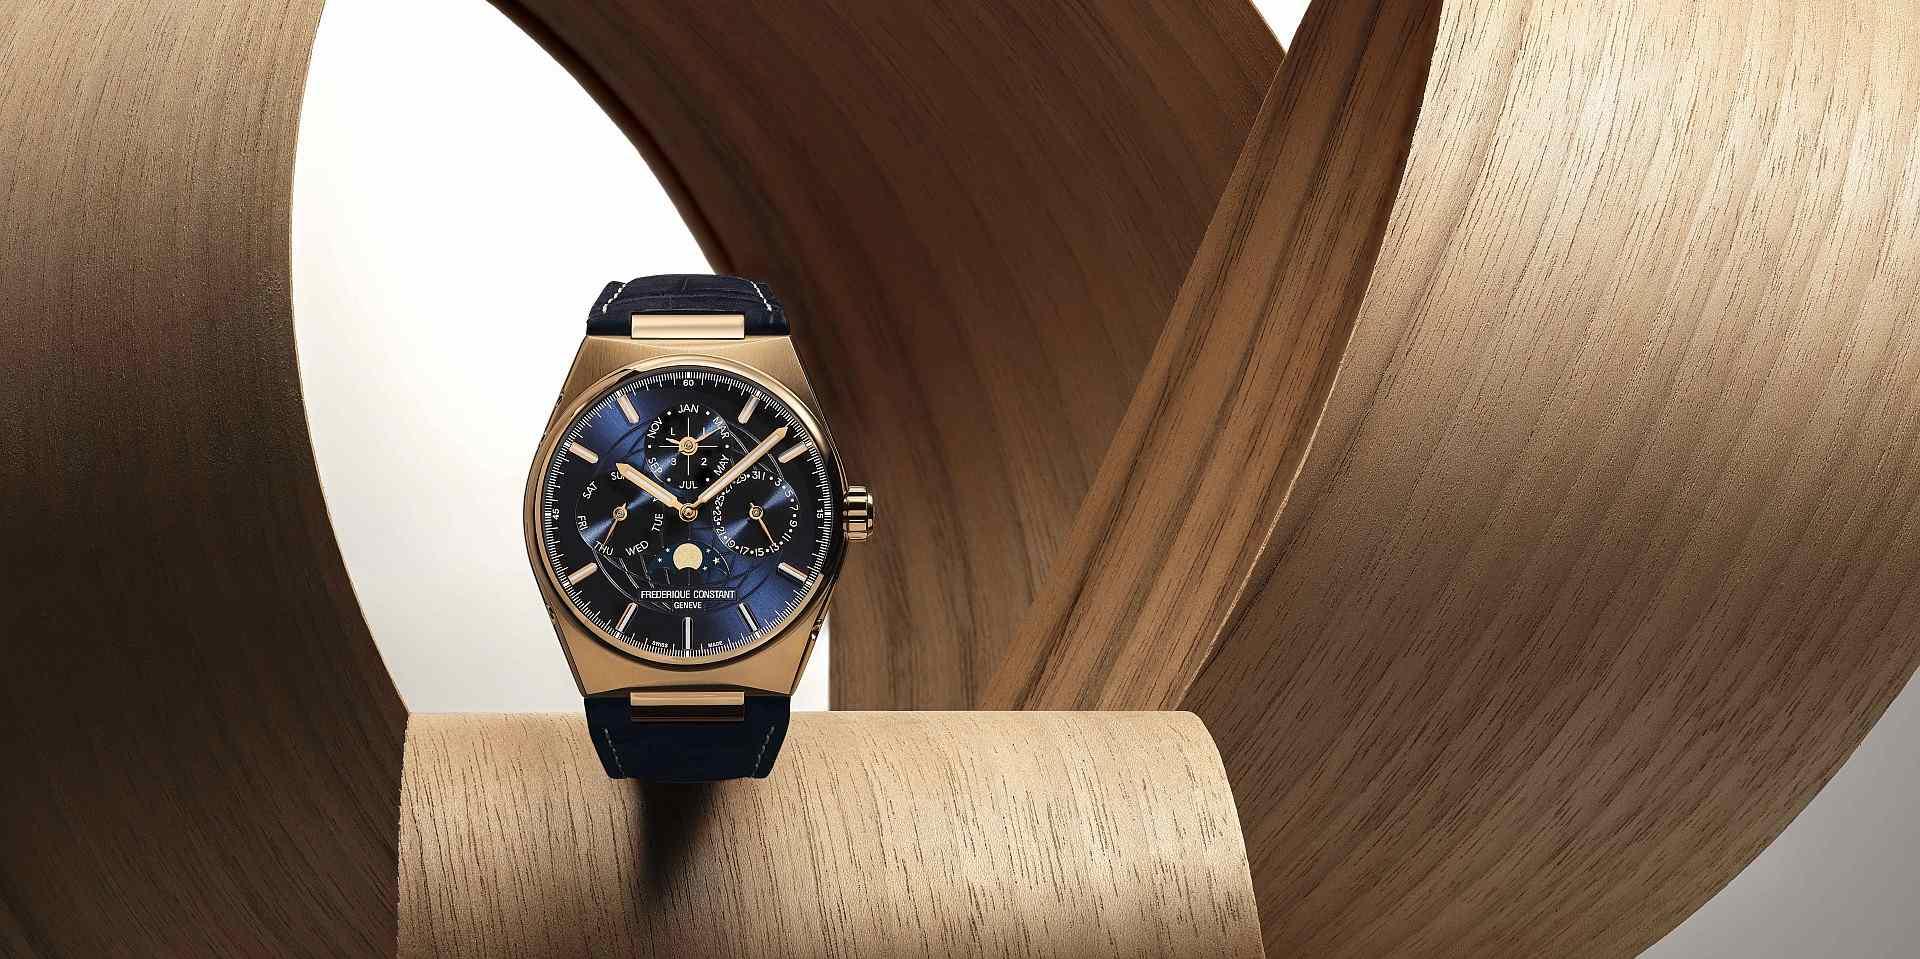 忠於製錶準則,打造卓越品質:康斯登 Highlife 系列18K玫瑰金萬年曆腕錶